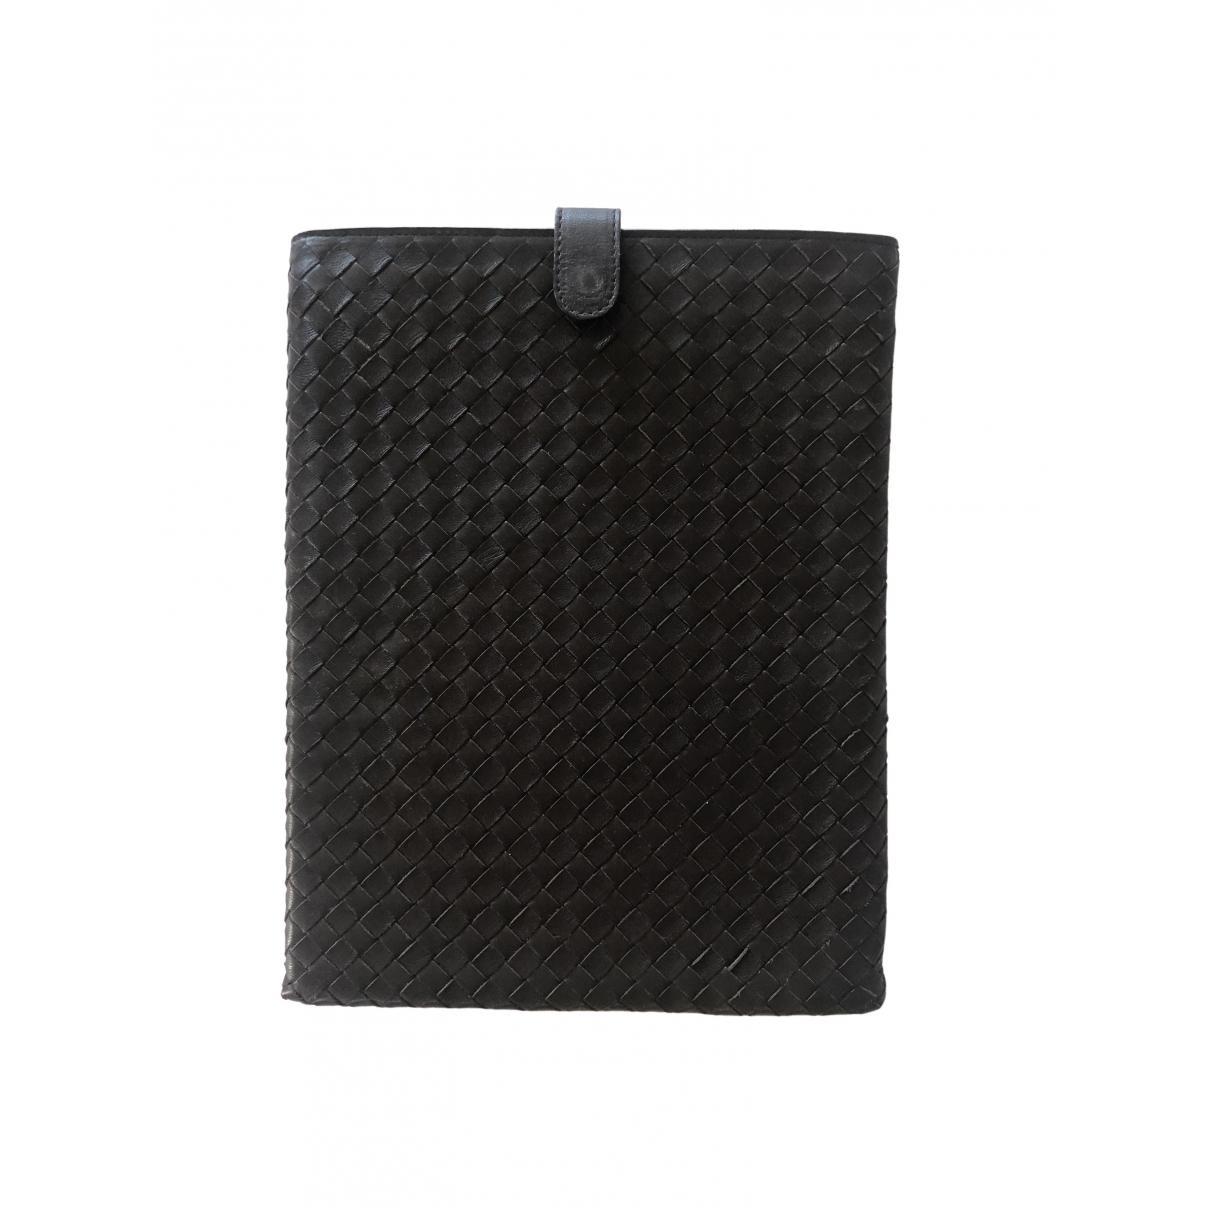 Bottega Veneta - Accessoires   pour lifestyle en cuir - marron